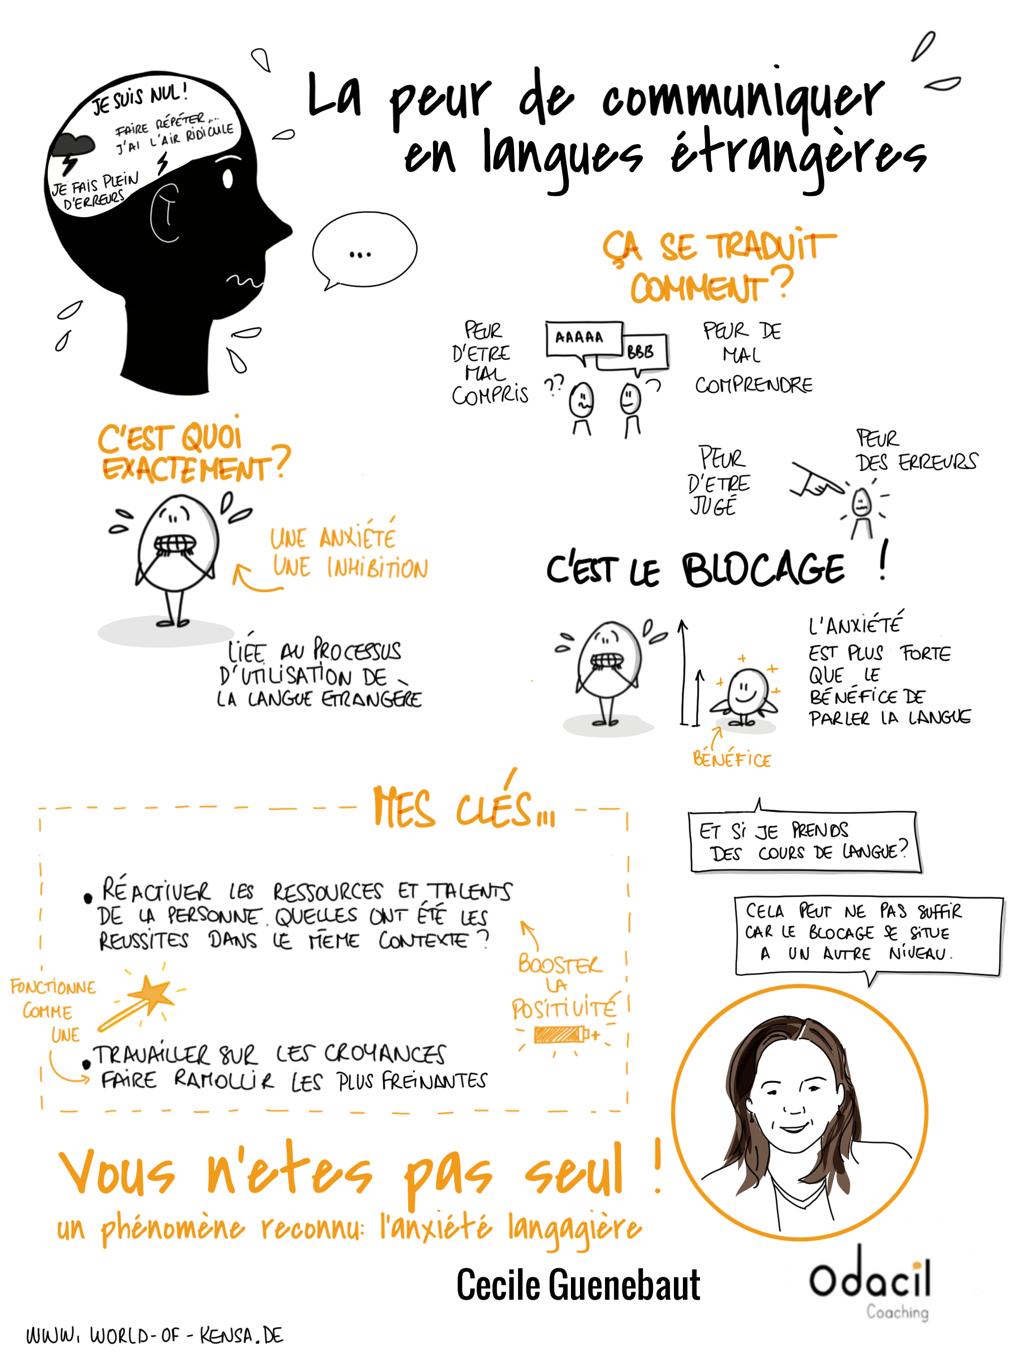 la peur de communiquer en langues étrangères